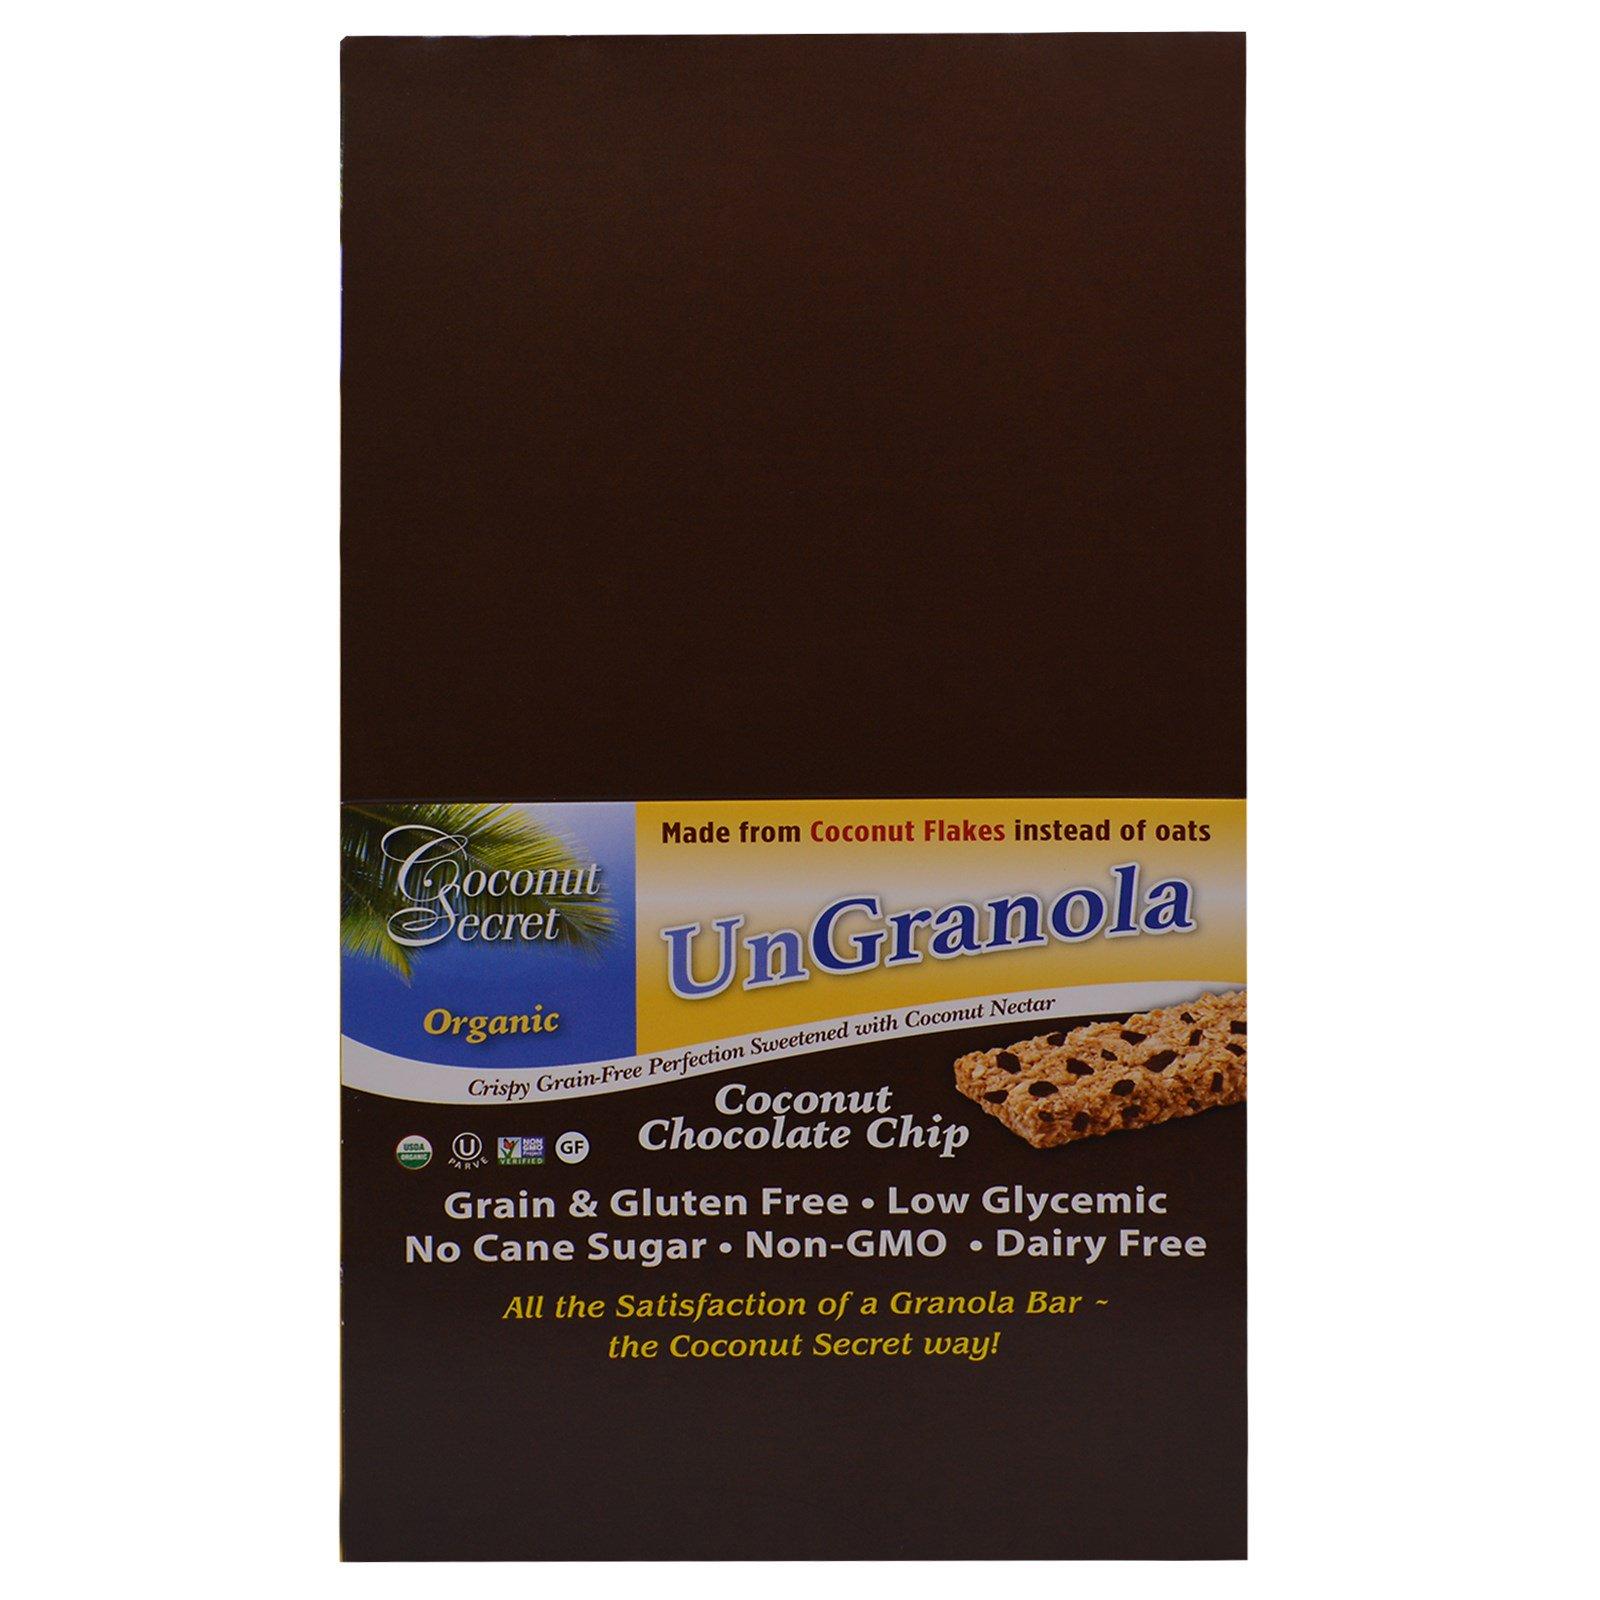 Coconut Secret, Батончик Ungranola, Органическая Крошка Кокосового Шоколада, 12 батончиков, 1,2 унции (34g) Каждый